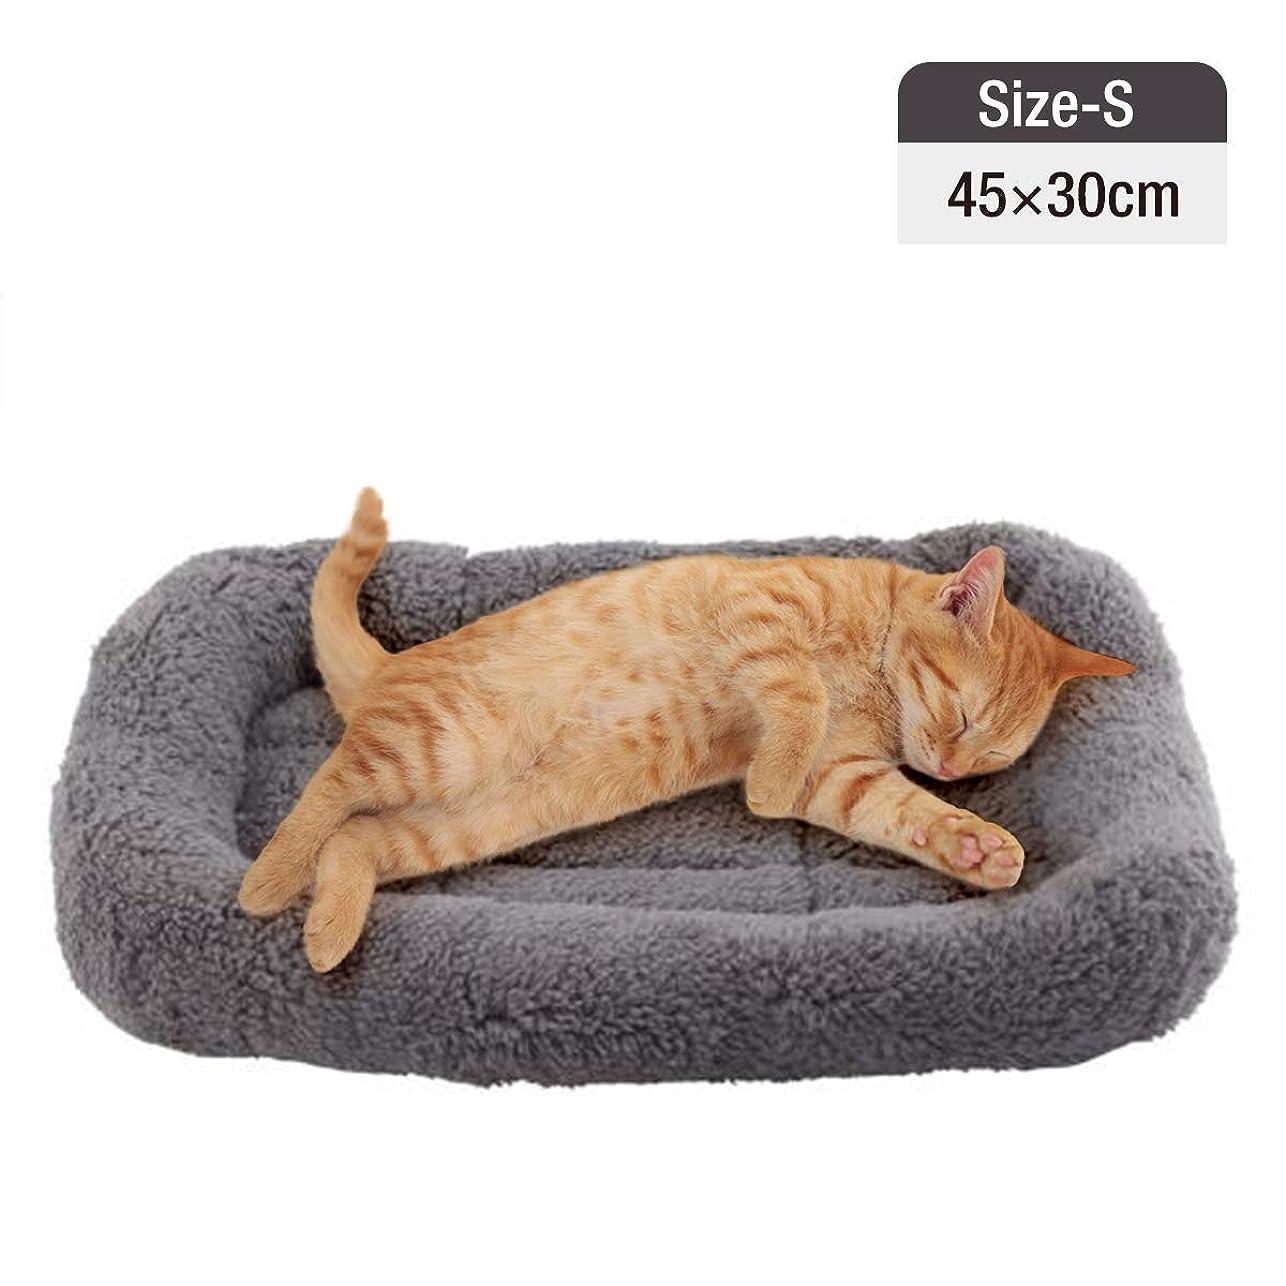 ハウスほこりっぽい現金Namsan 犬ベッド ペットベッド 犬マットベッド マット犬猫ドァグレー 平方 ペットソファ(S)